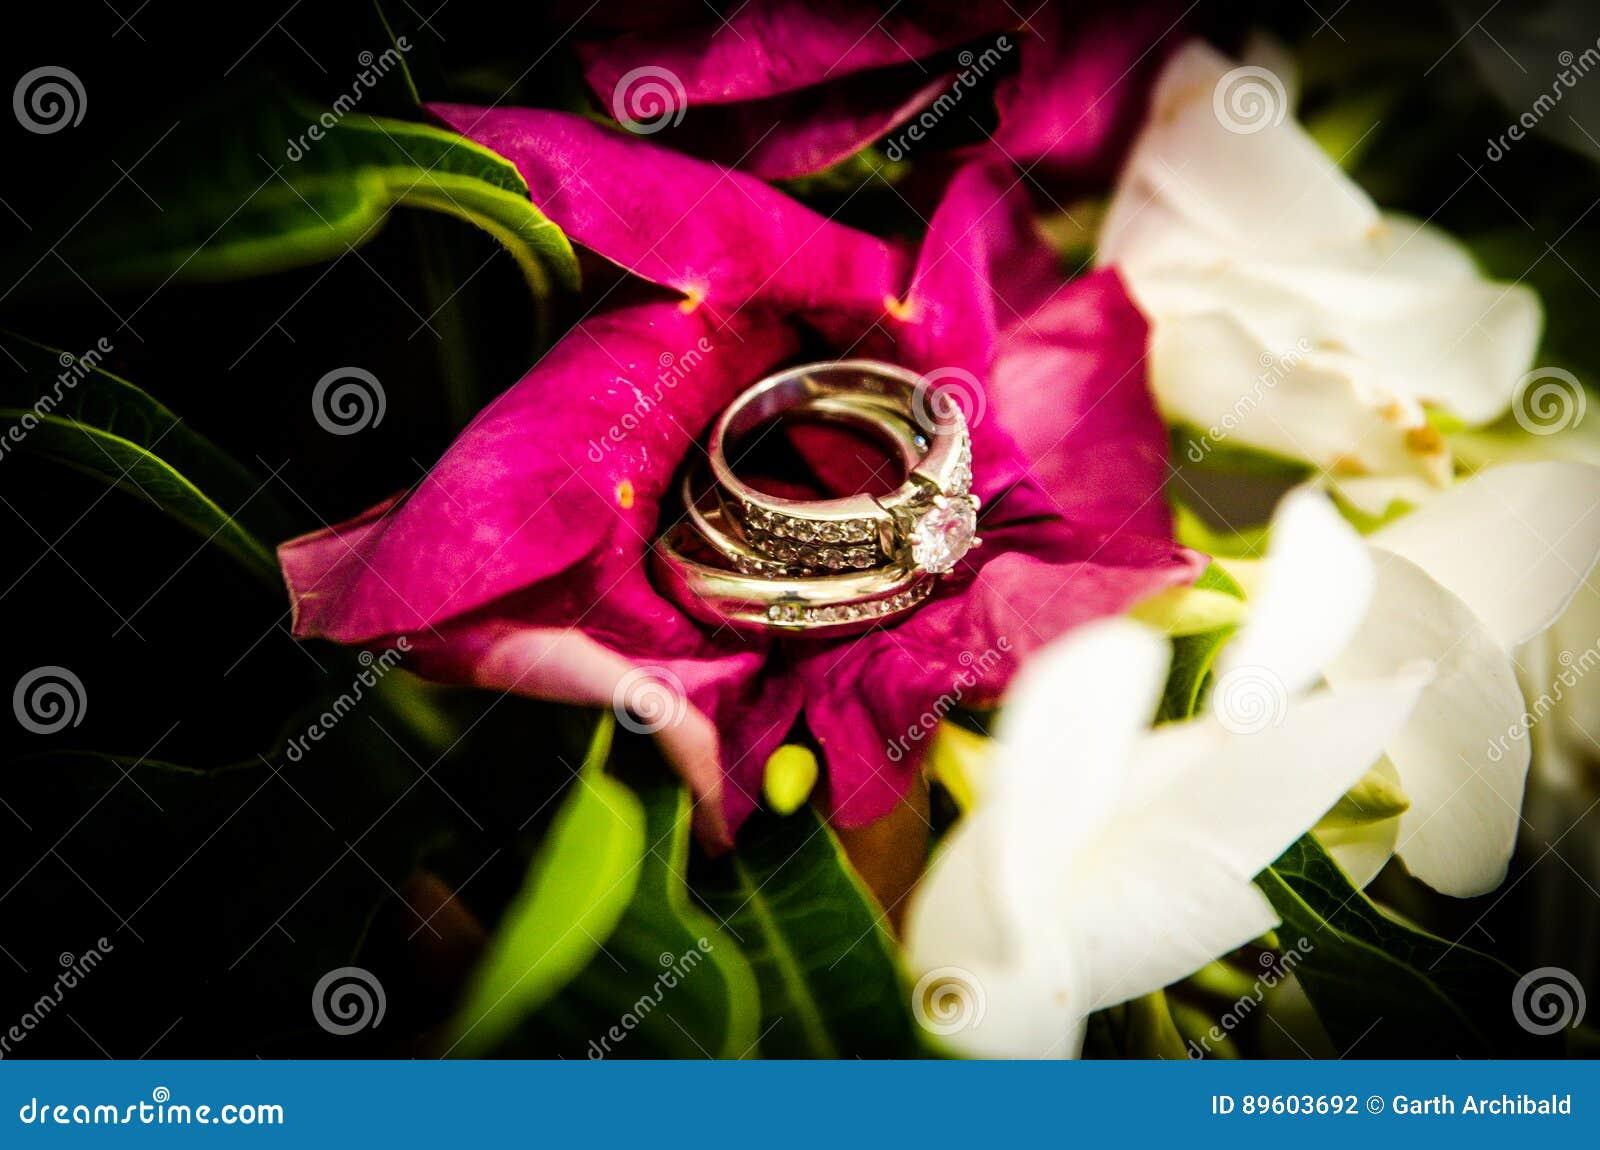 Ringe Der Diamantenen Hochzeit Auf Purpurroter Blume Stockfoto